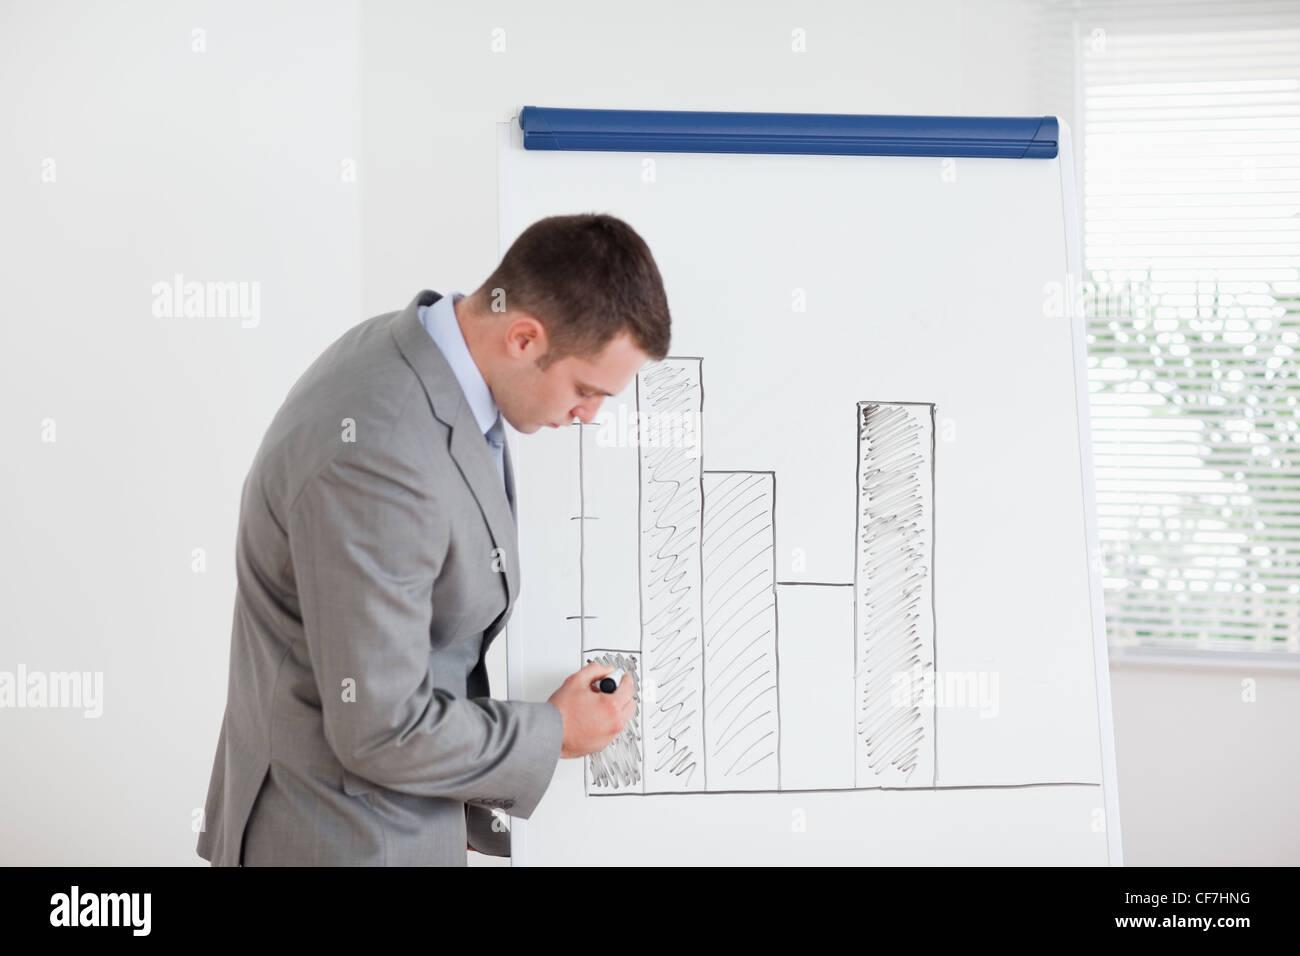 Imprenditore editing grafico a colonna Immagini Stock